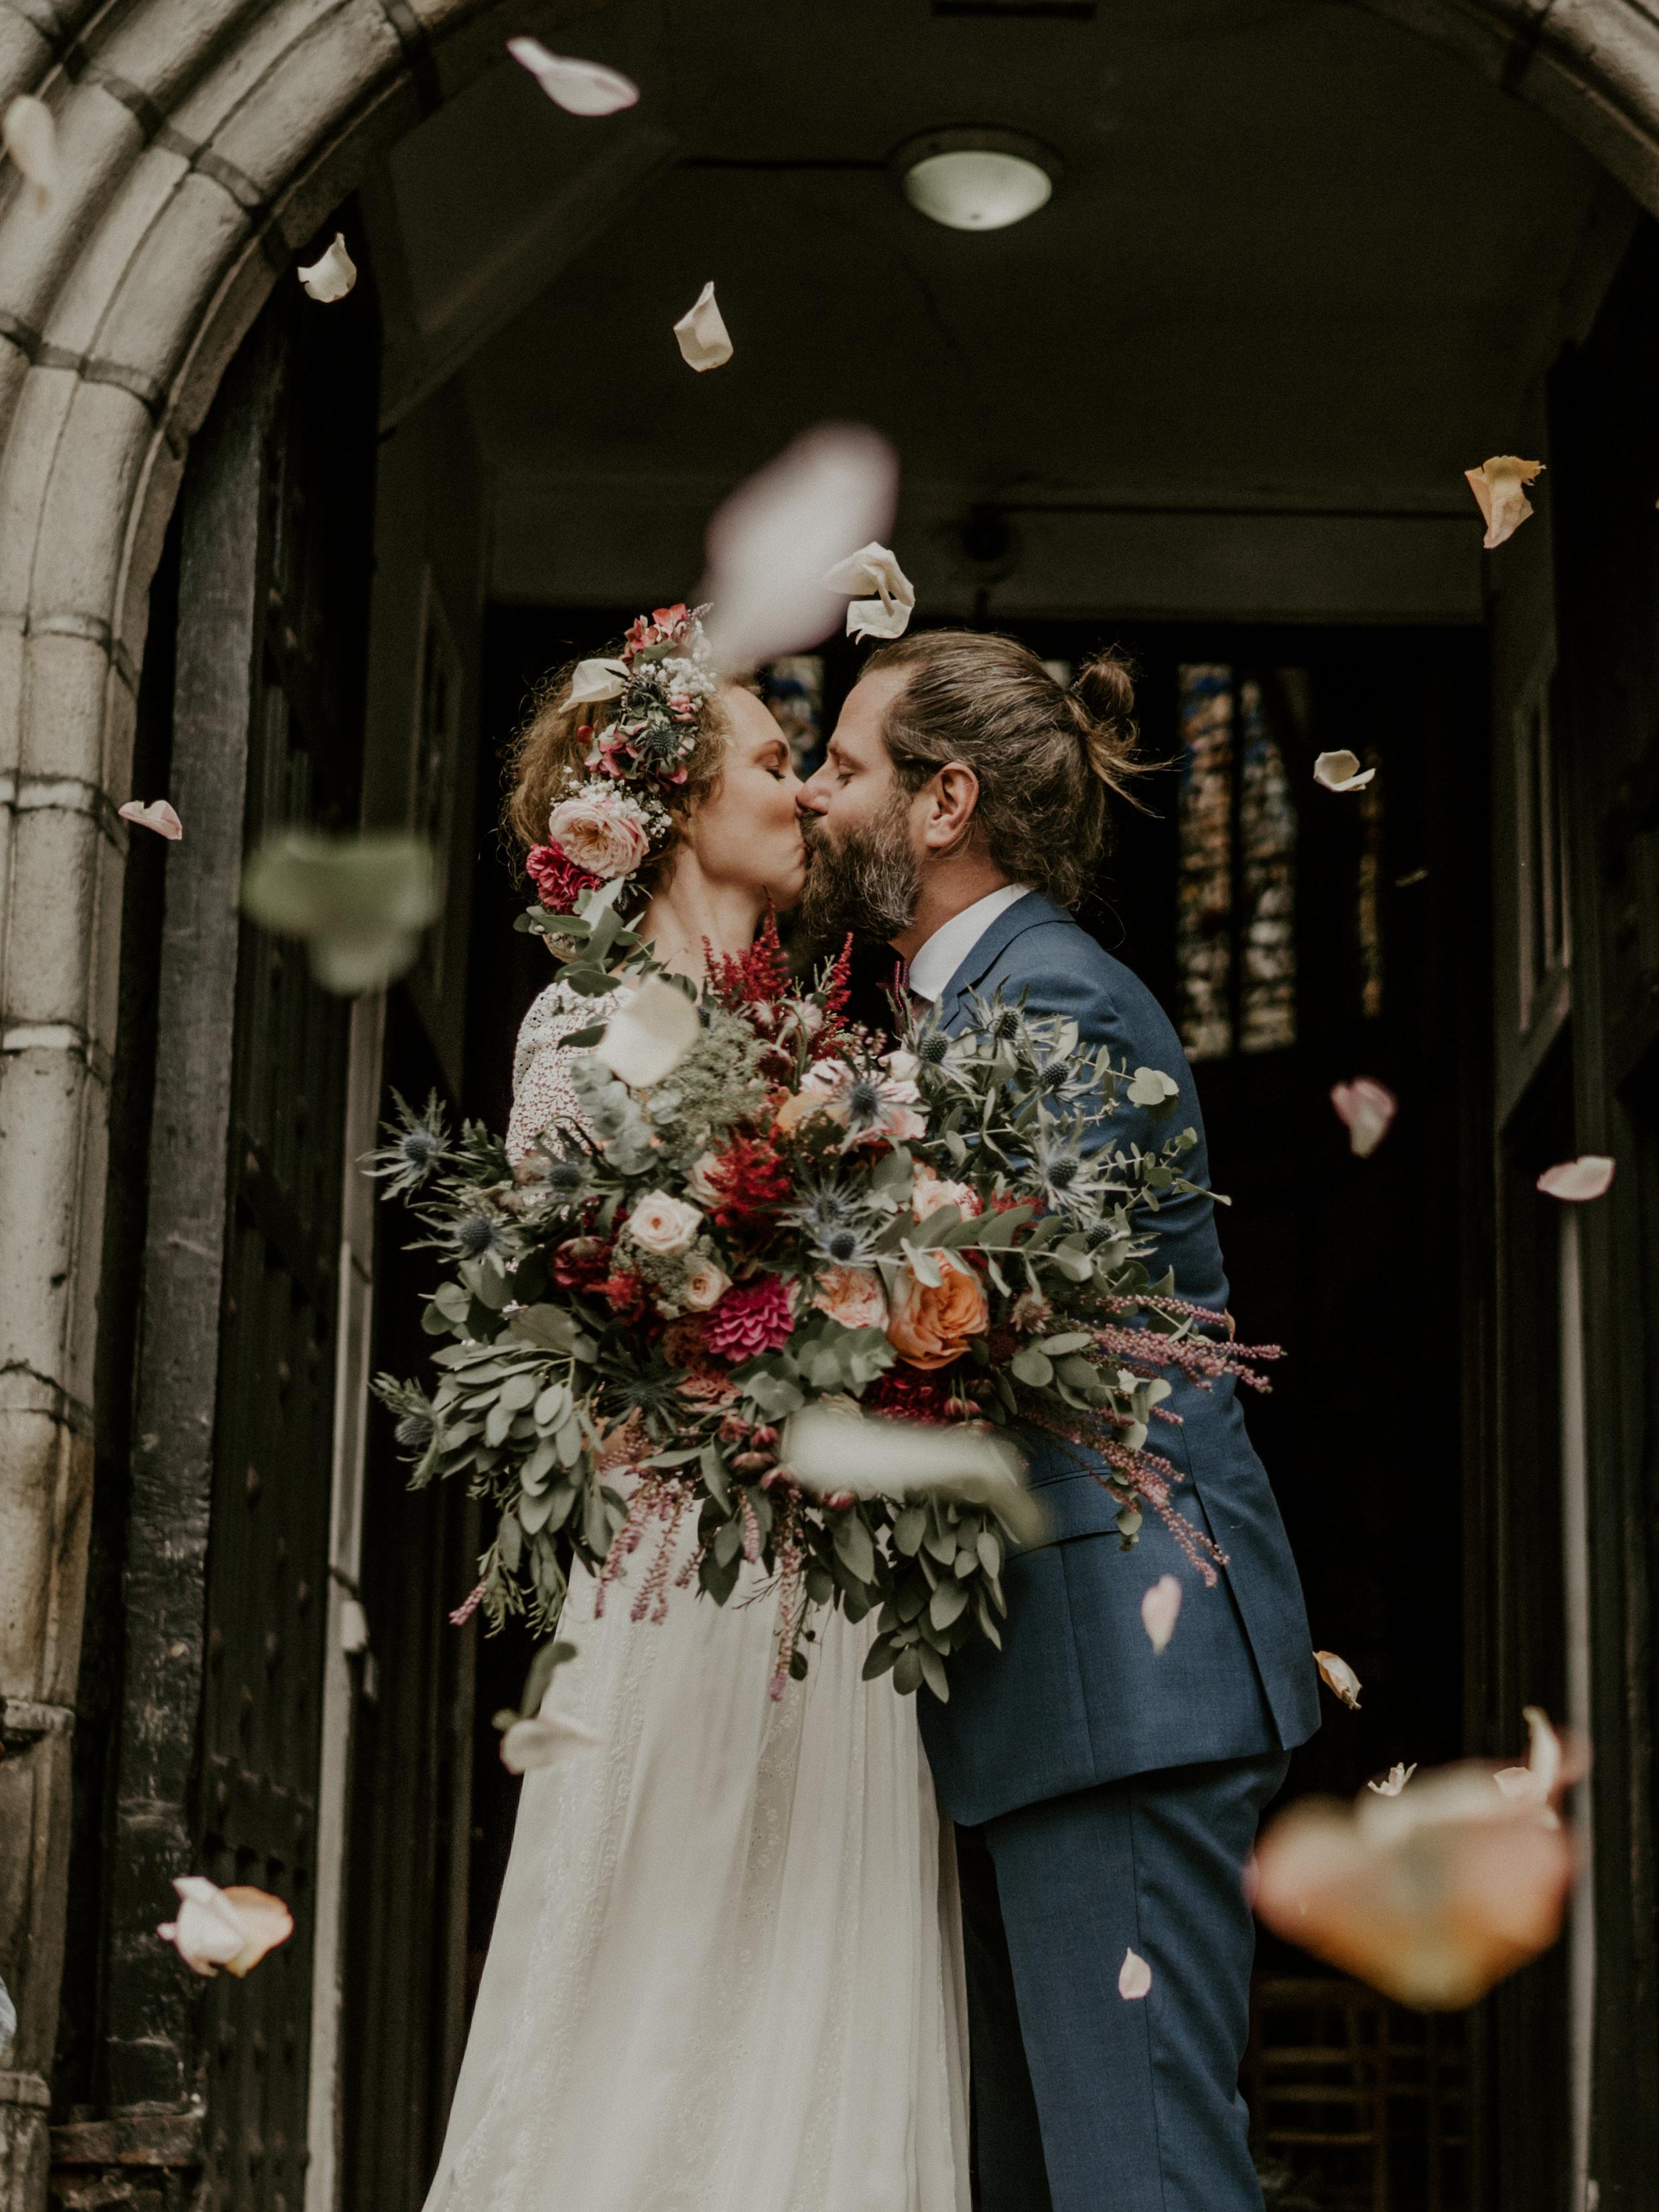 leshistoiresda-photographe-mariage-couple-intime-1-12-b